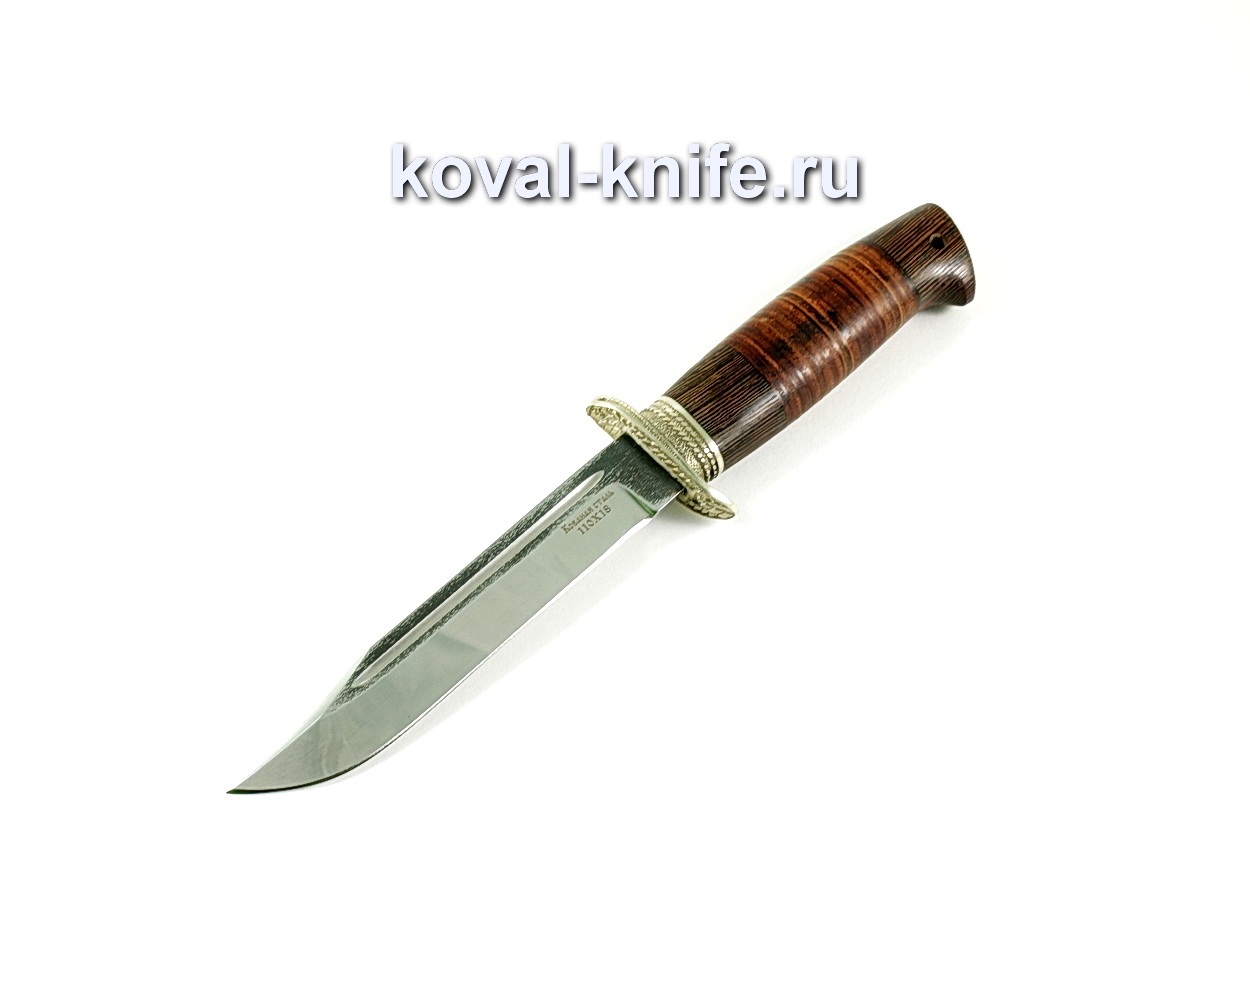 Нож Штрафбат (сталь 110х18) рукоять венге, кожа, литье A217